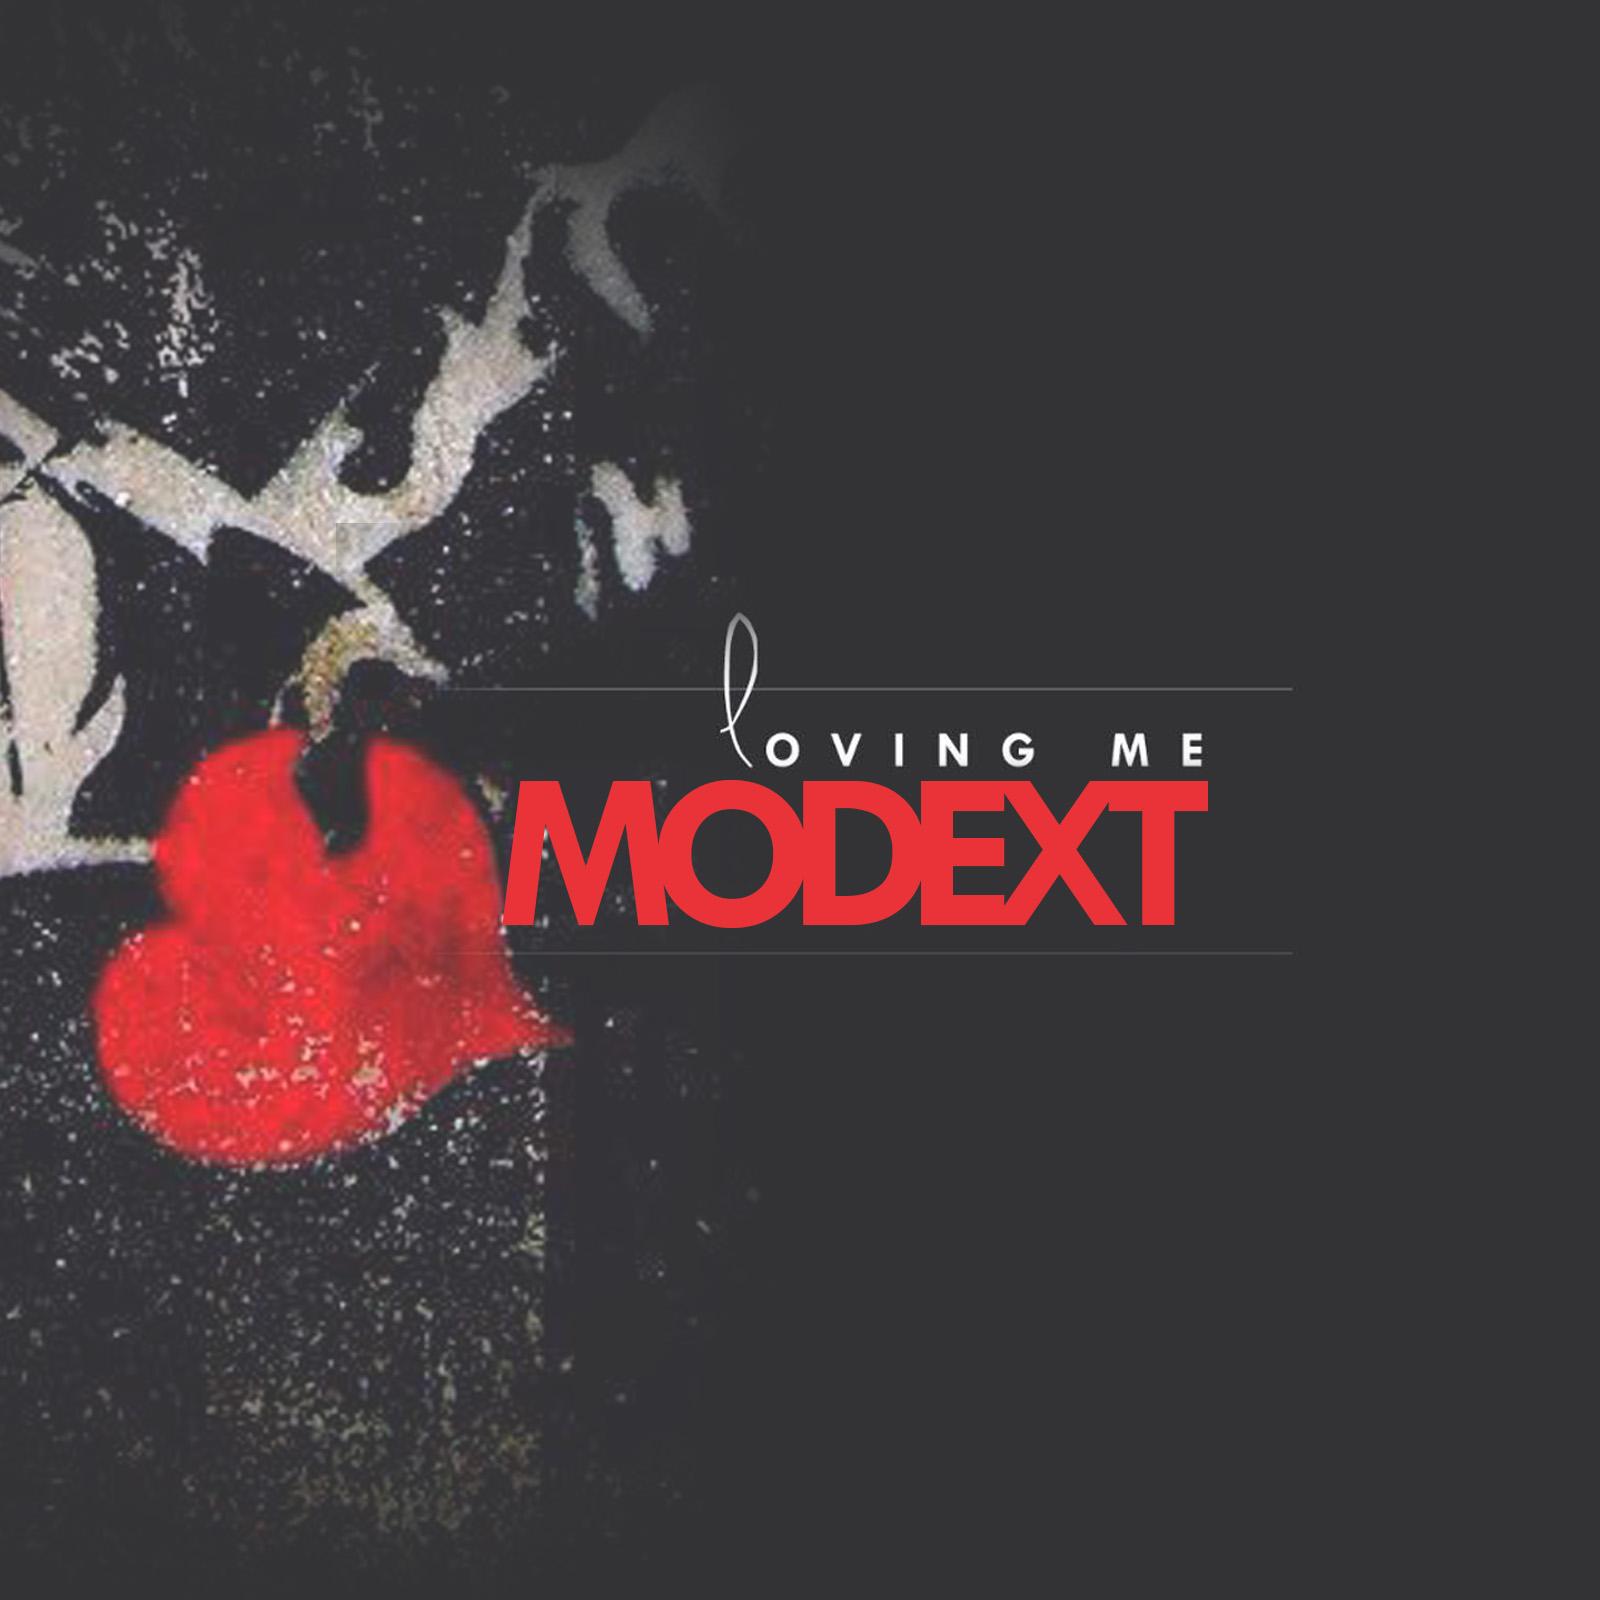 MODEXT loving me